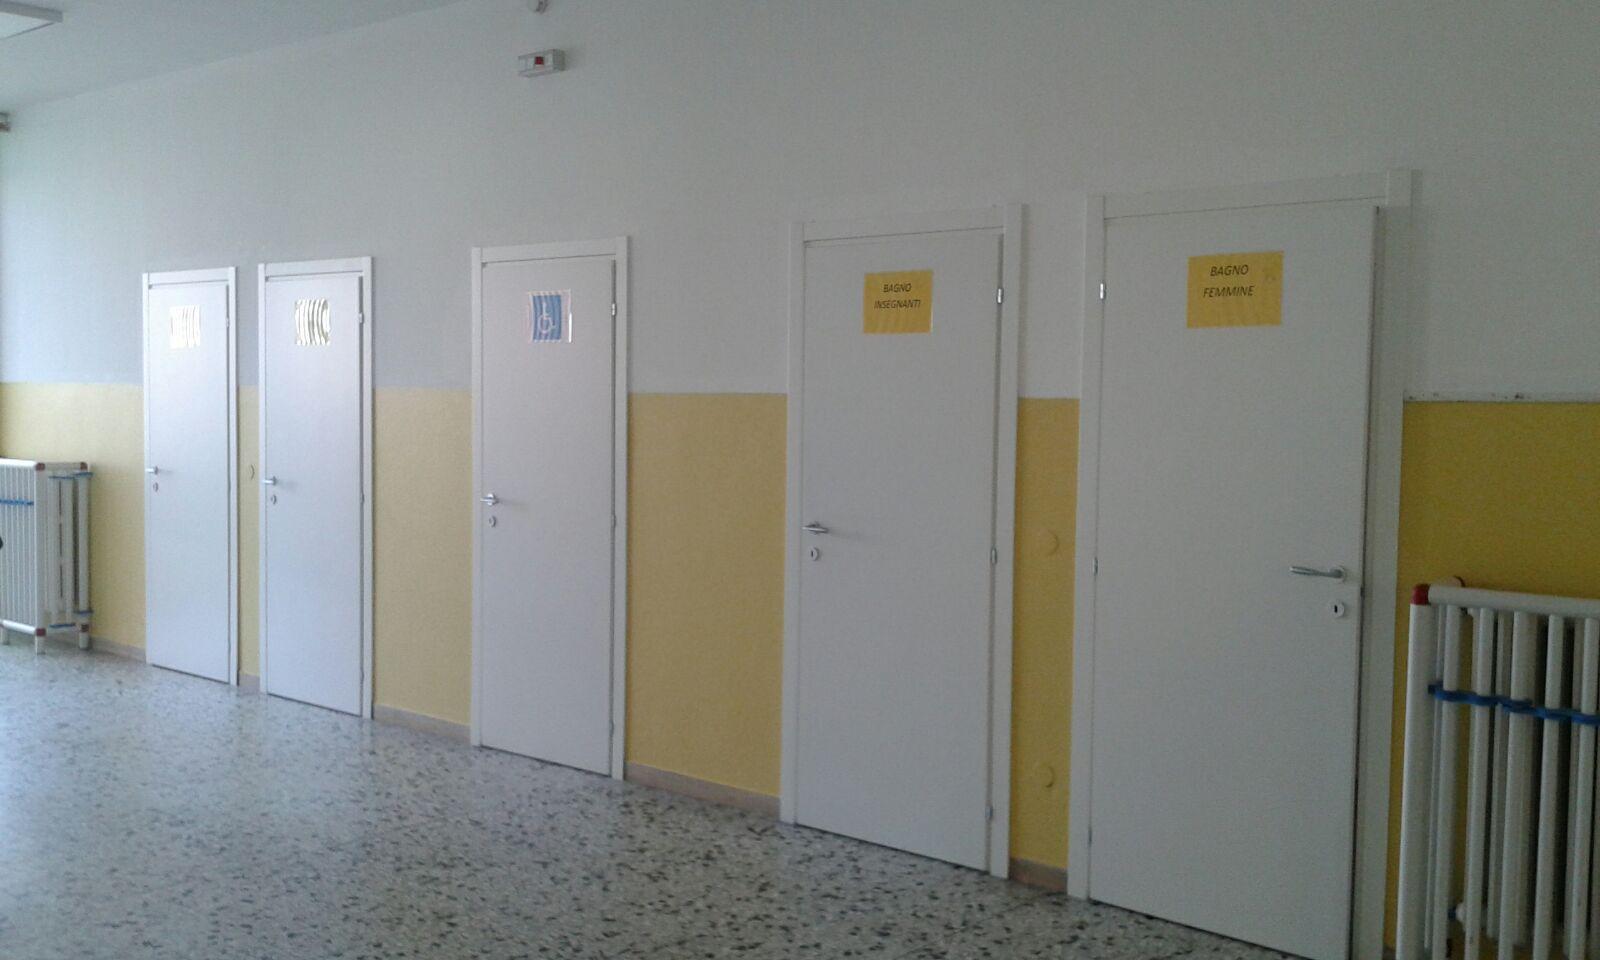 bagni scuole3